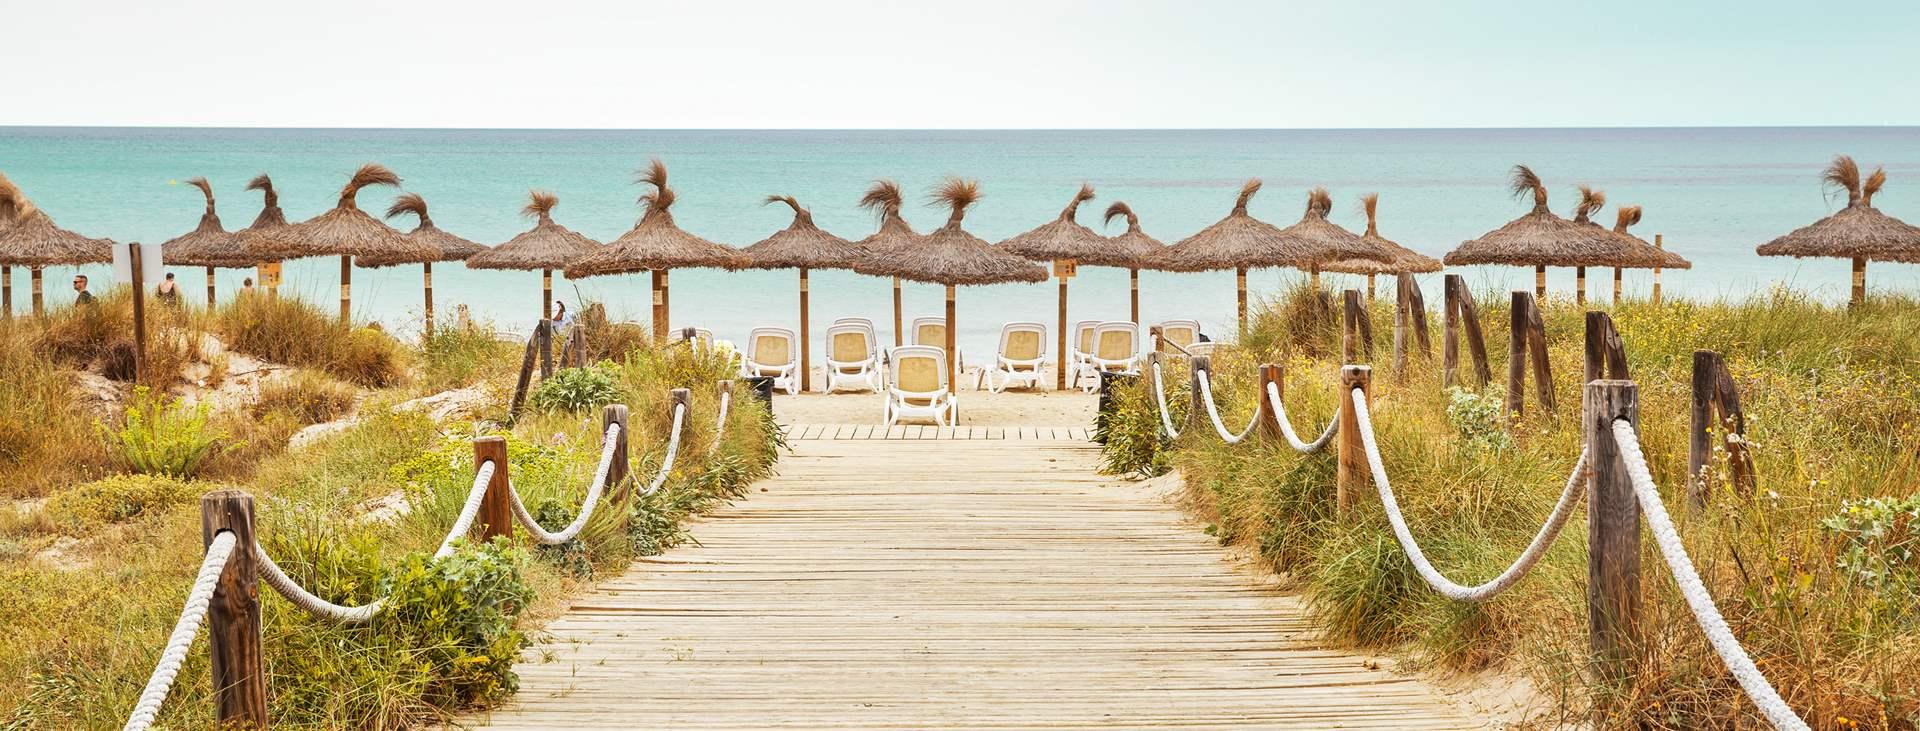 Bestill en reise til barnevennlige Ca'n Picafort på Mallorca